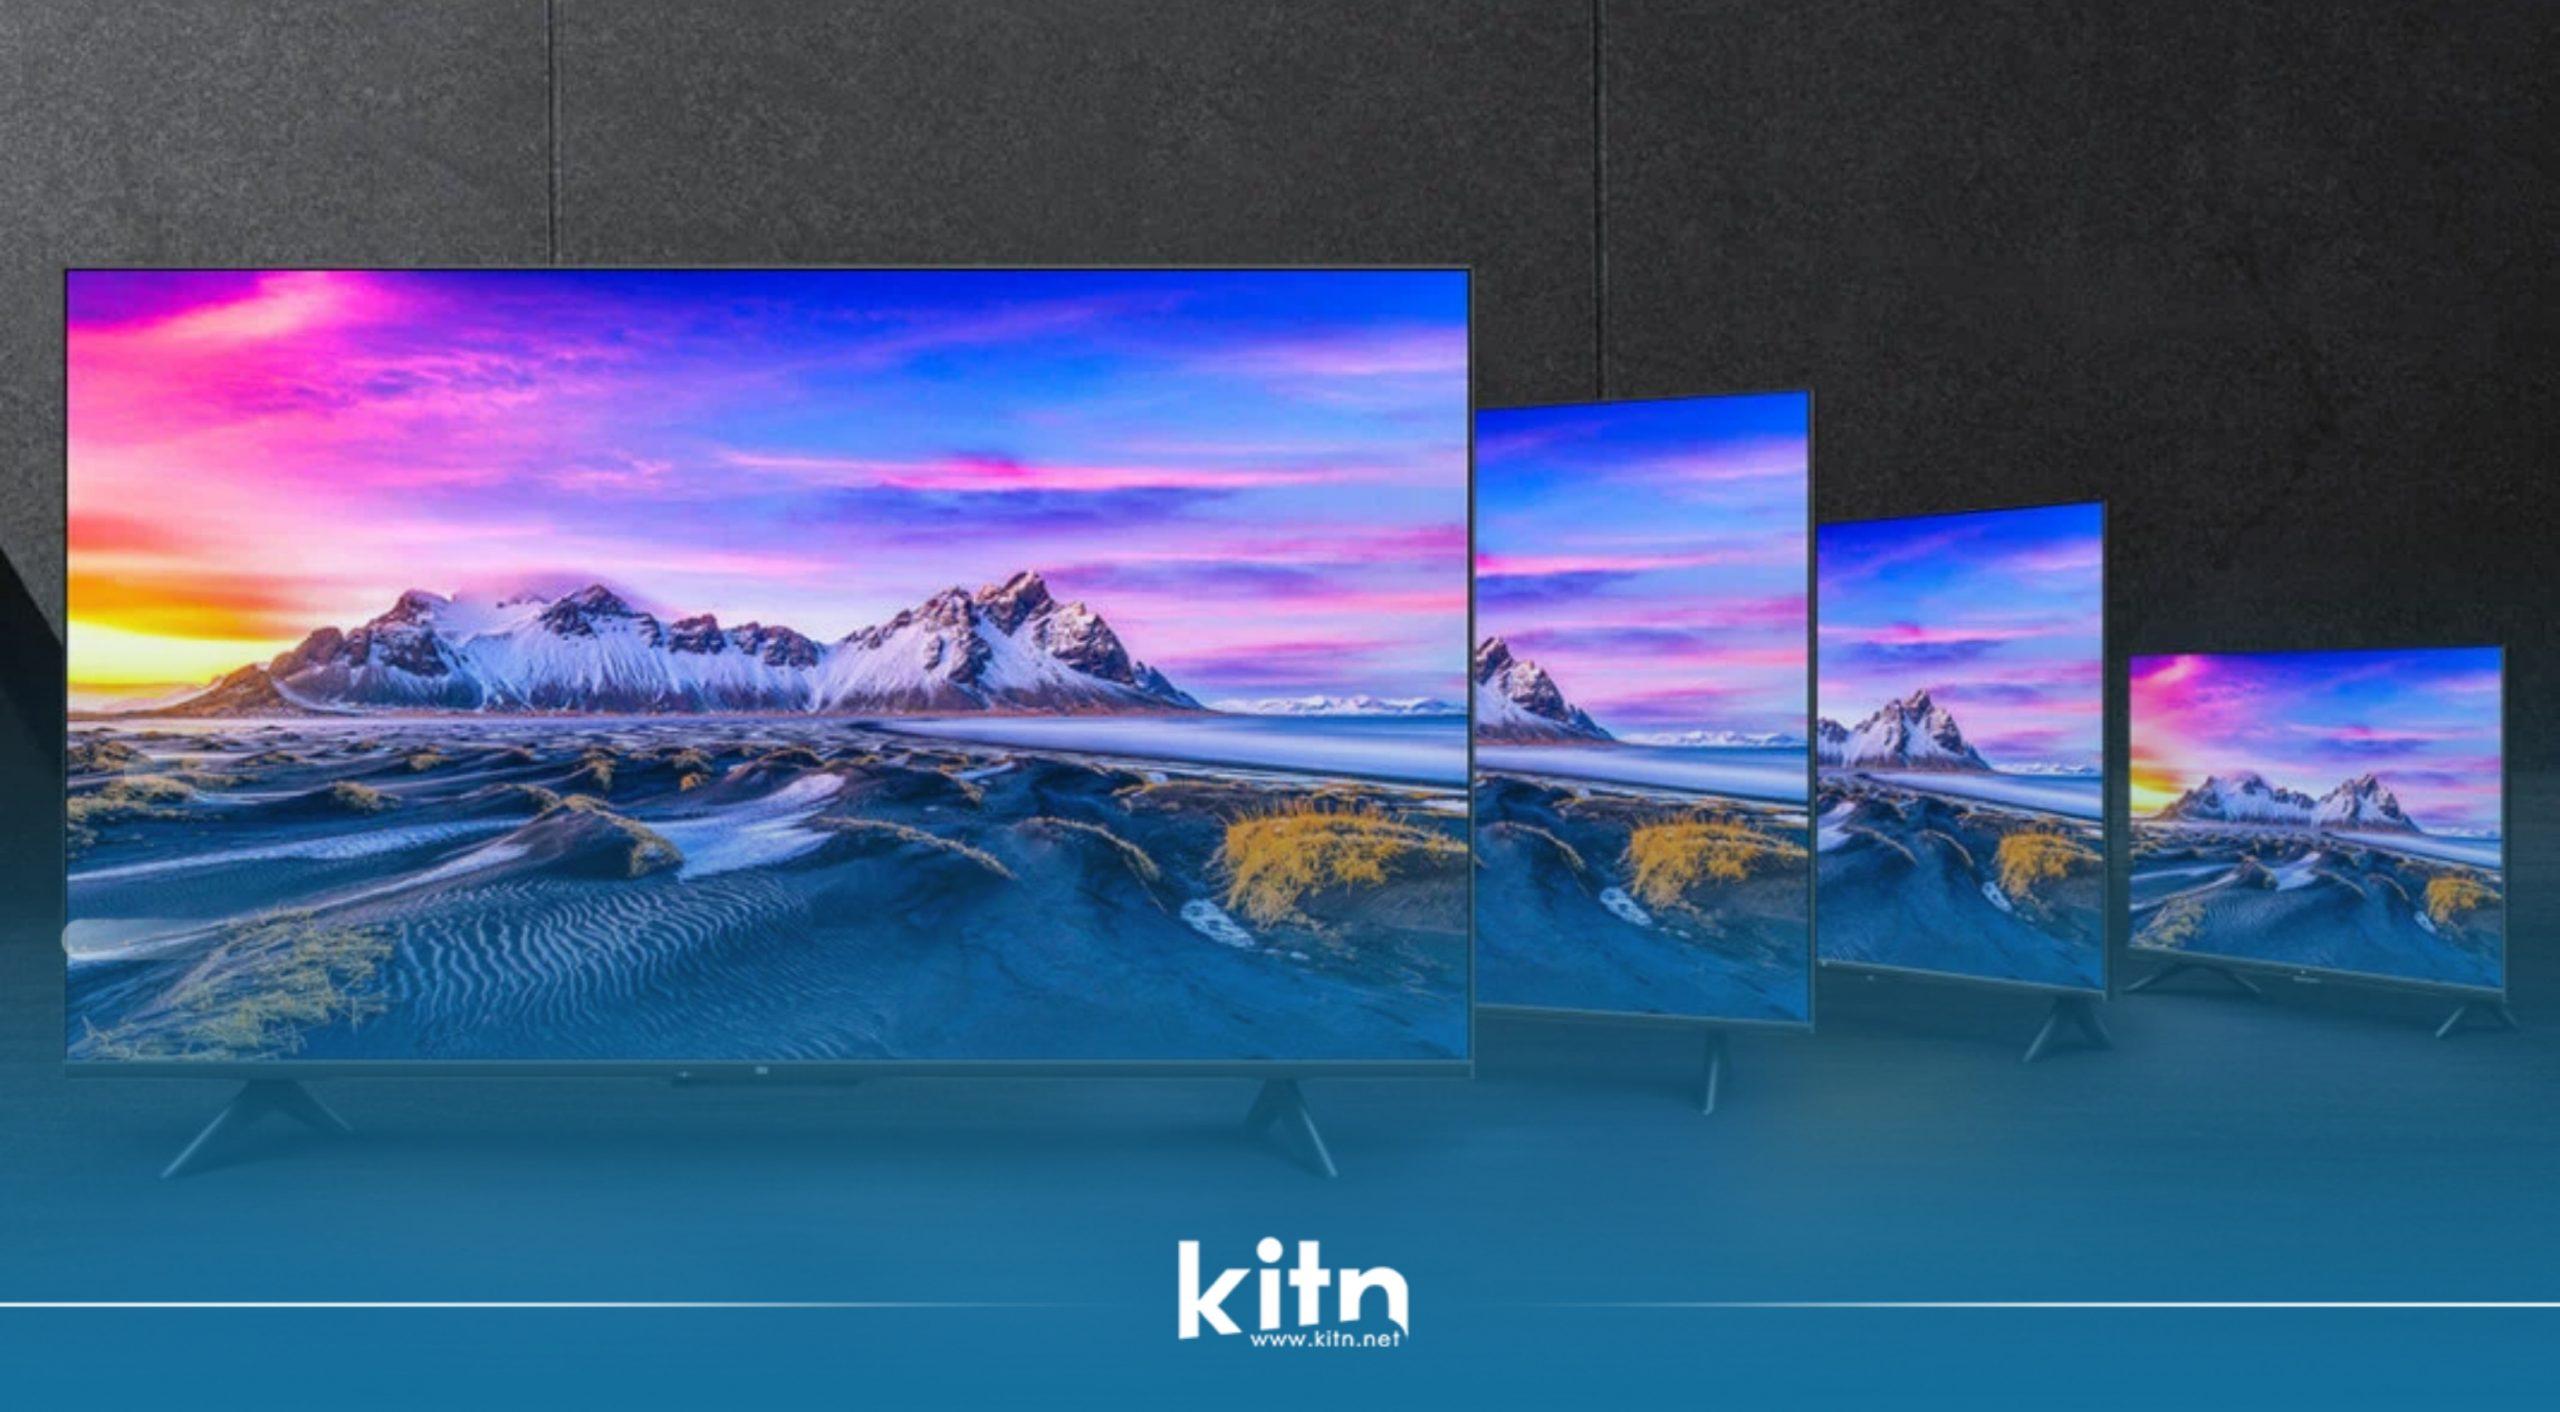 بە فەرمی زنجیرە تەلەڤزیۆنی Mi TV P1 نمایش کرا: کۆنتڕۆڵی نوێ، دەرچەی HDMI 2.1، زیاتریش..